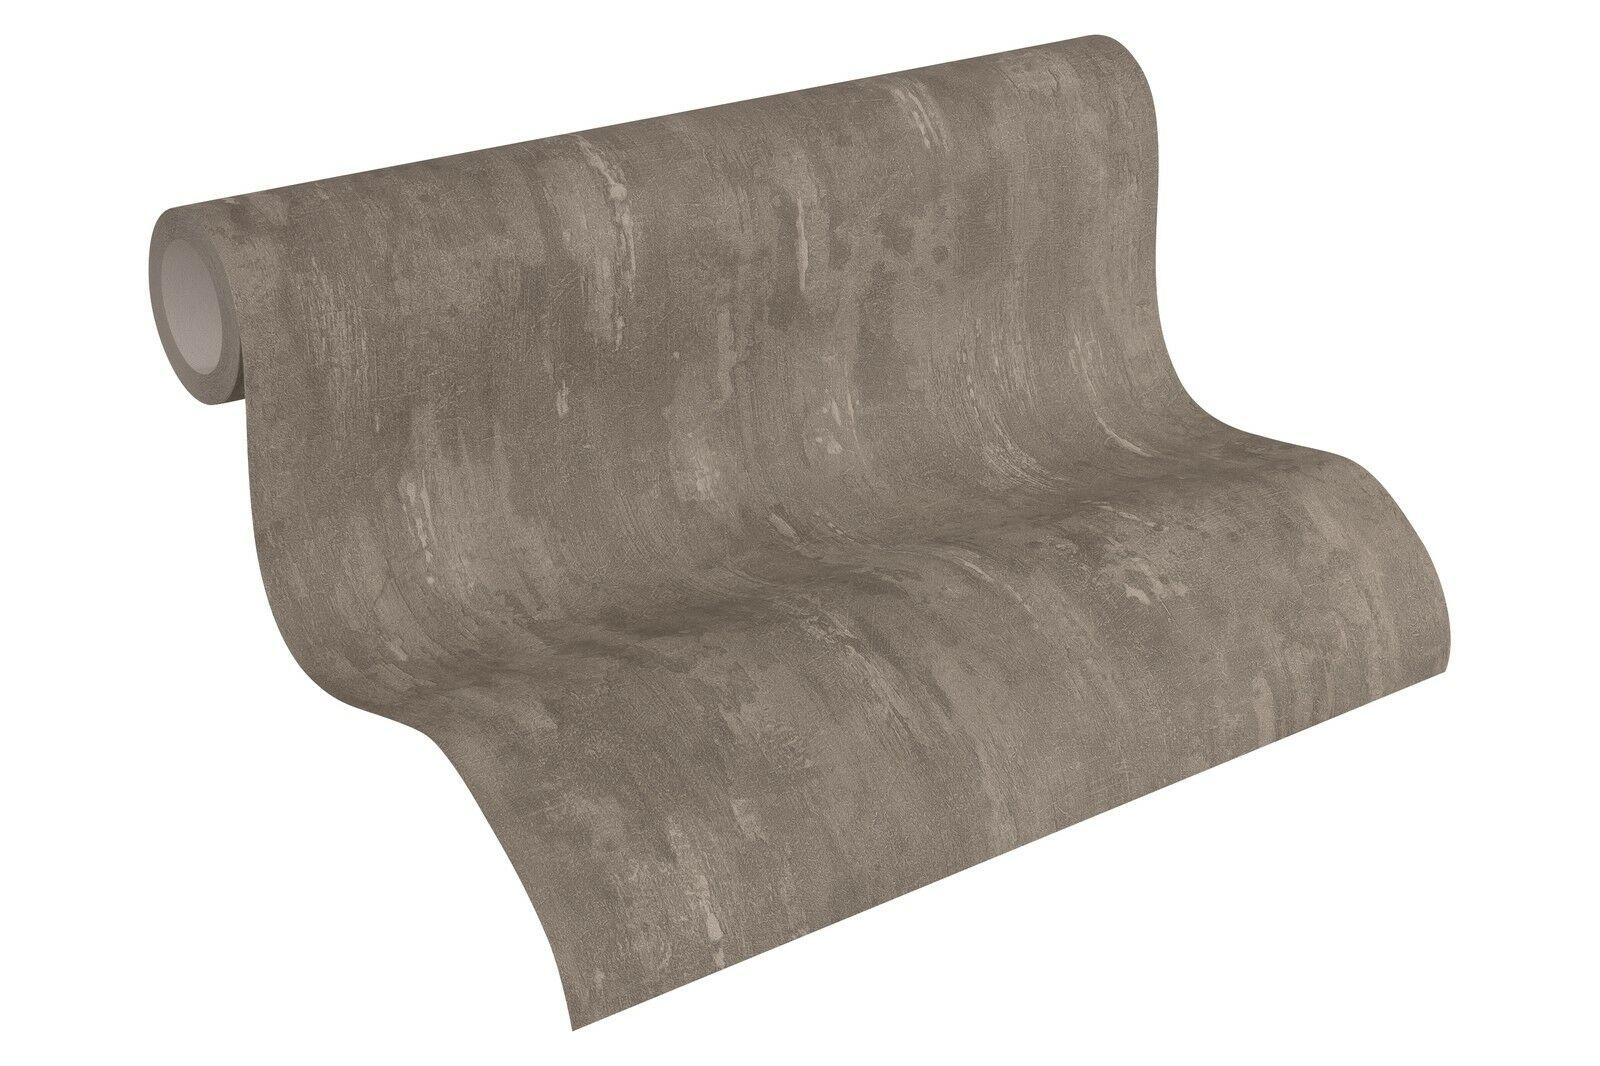 vlies tapete stein wand beton optik struktur braun 30694 6 kaufen bei joratrend e k. Black Bedroom Furniture Sets. Home Design Ideas